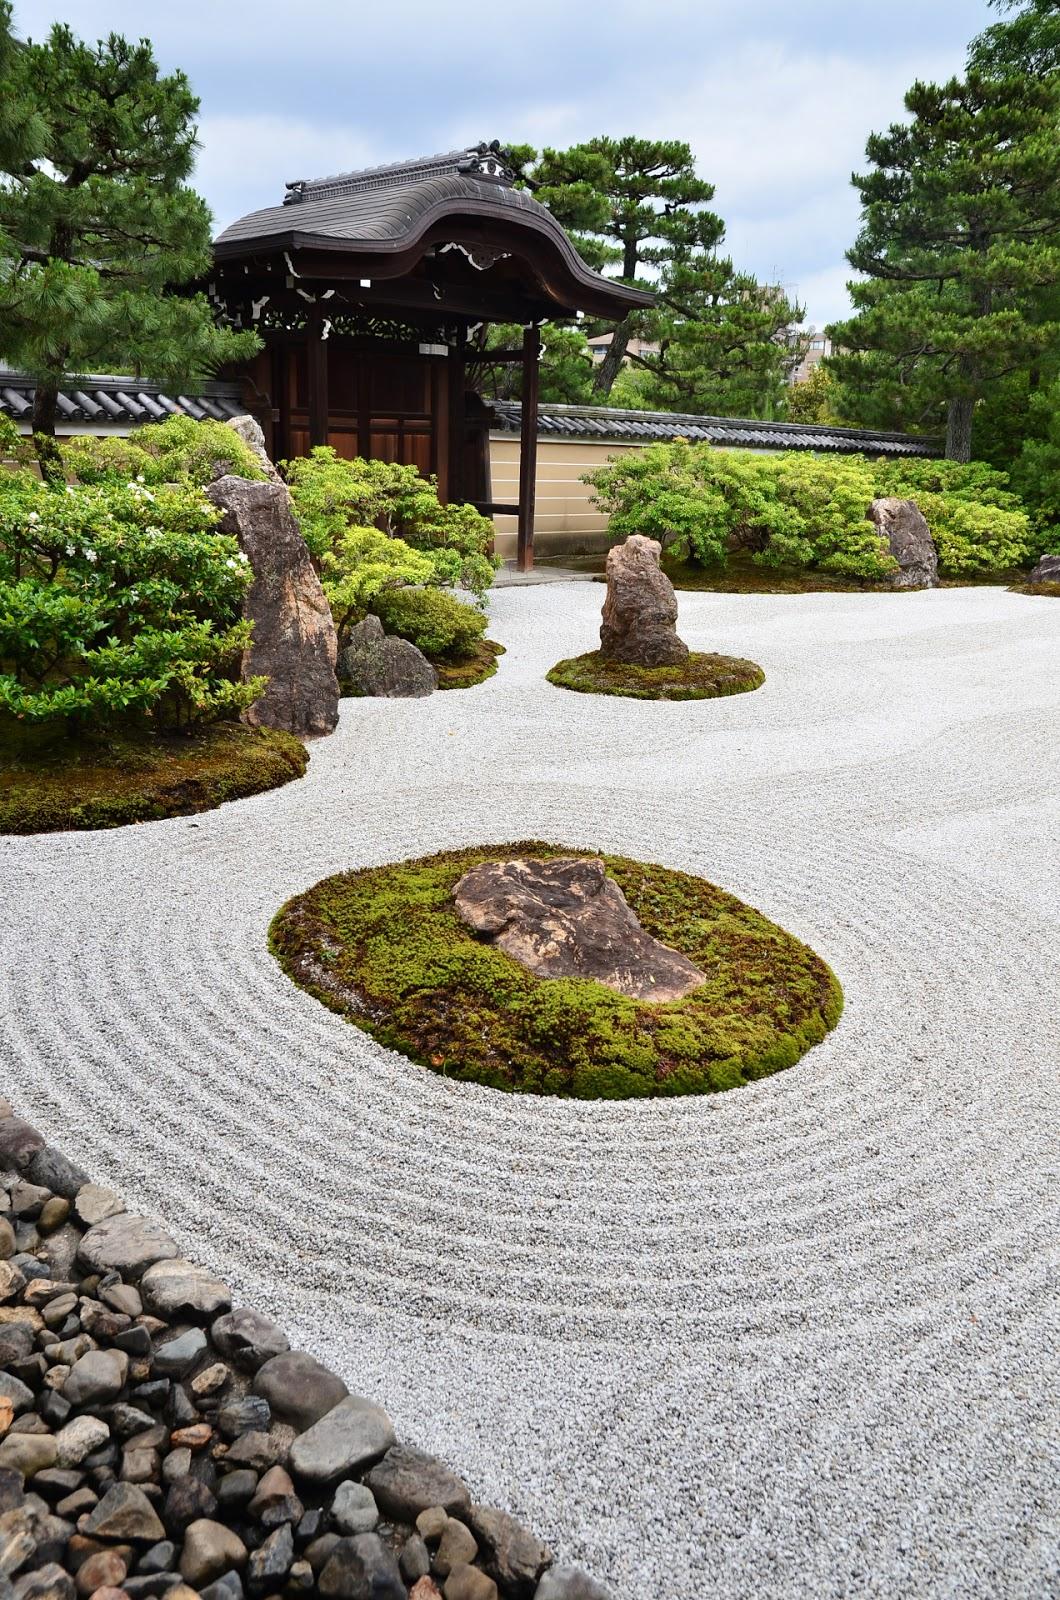 Jard n zen Arena jardin zen